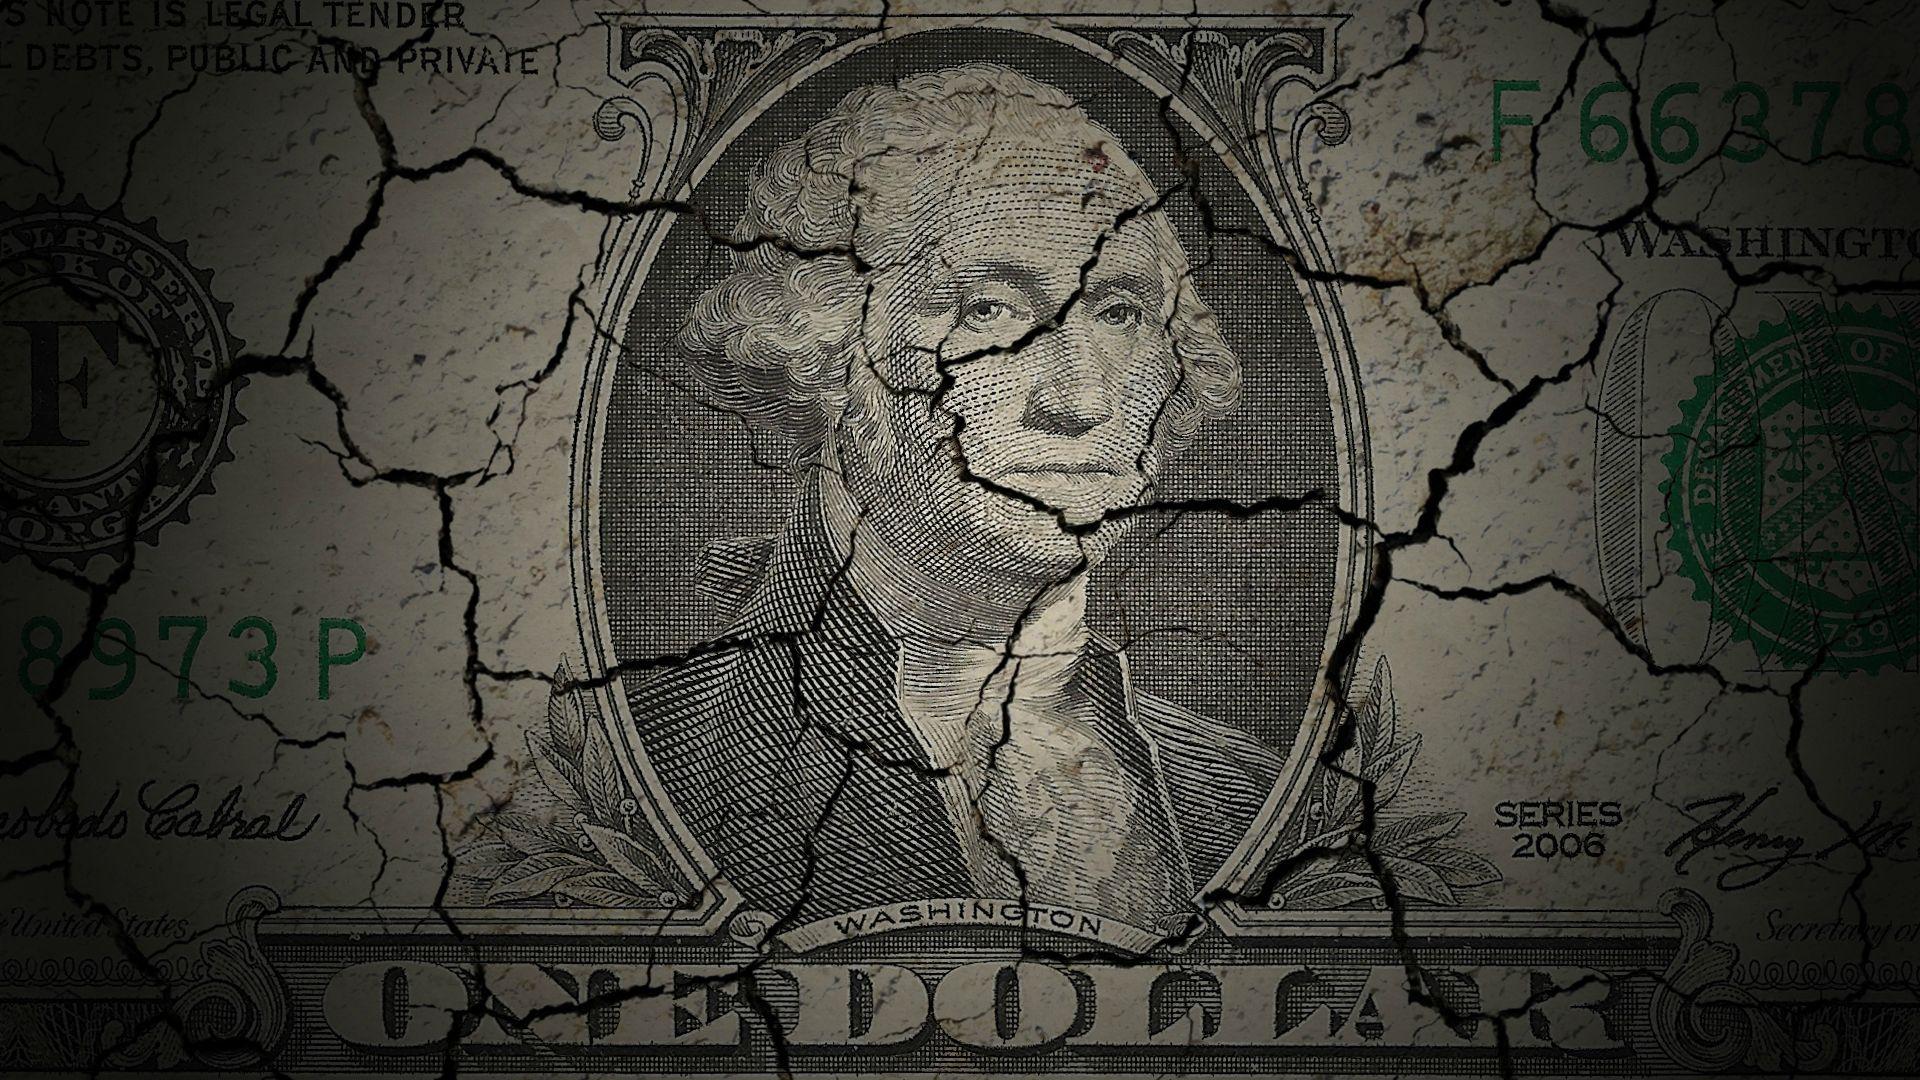 الدولار يتراجع لأدنى مستوياته ترقباً لبيان الاحتياطي الفيدرالي